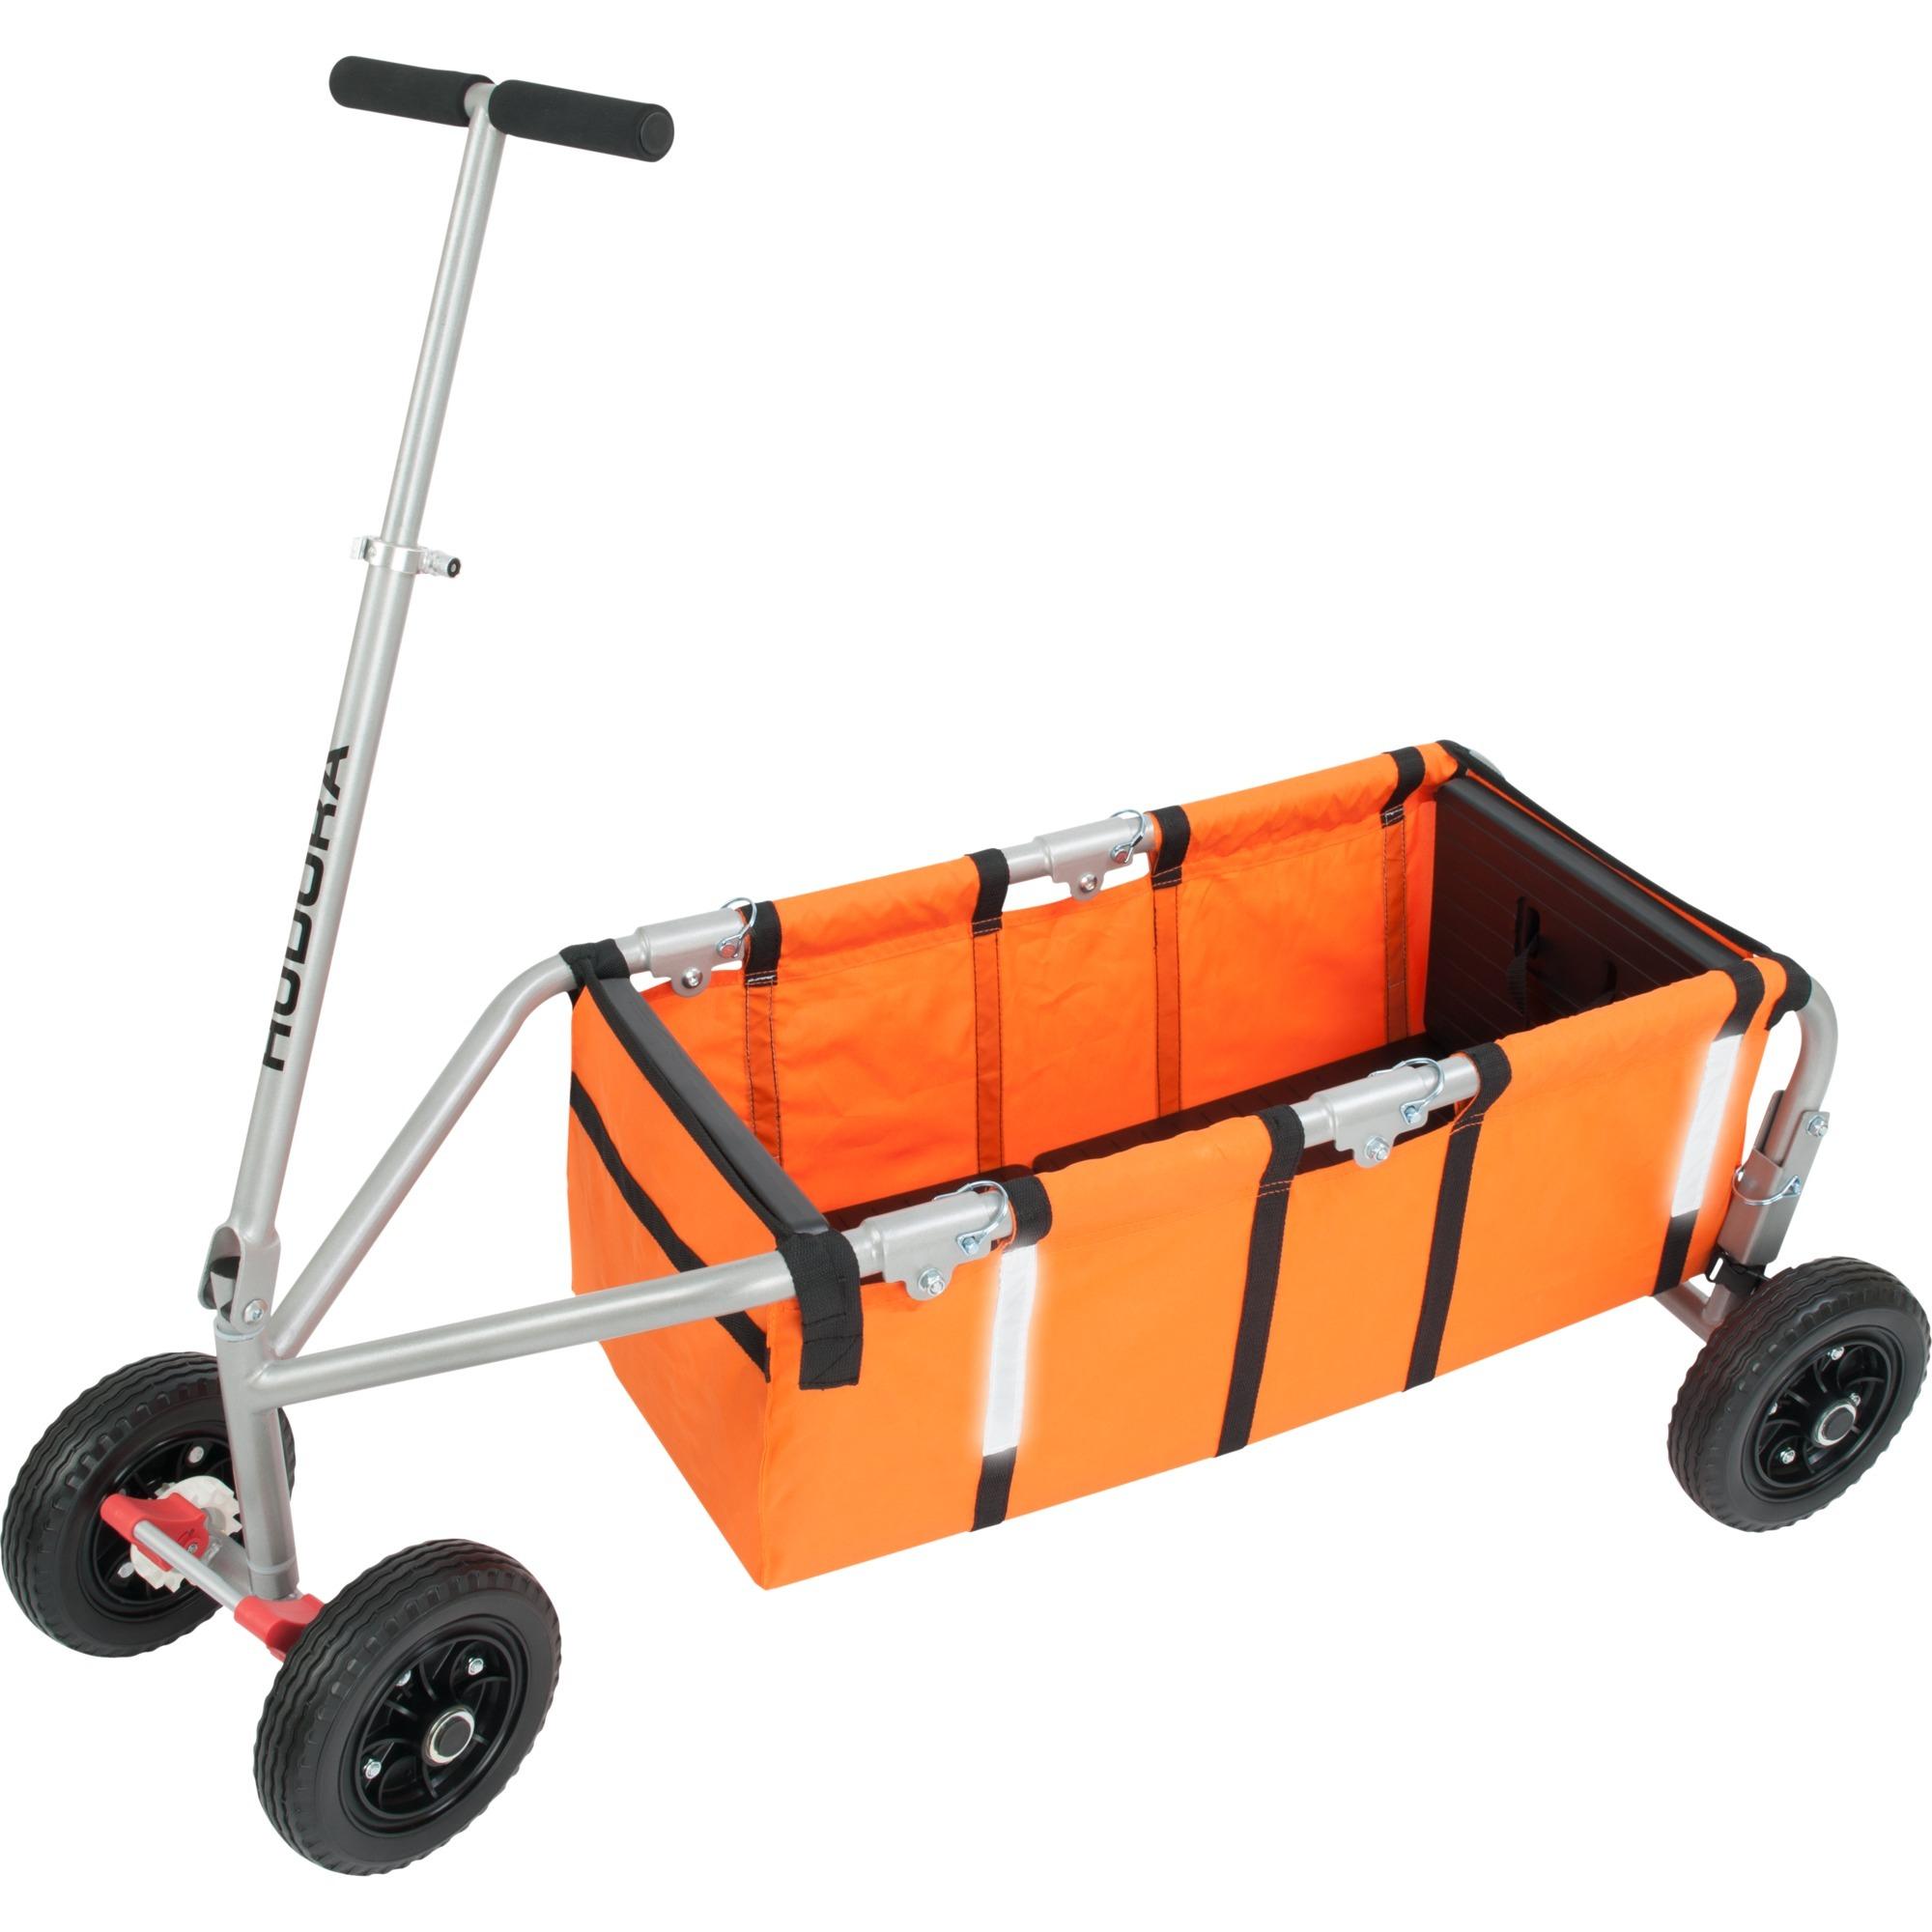 10329 carretilla de mano Naranja, Negro, Plata, Carro de mano